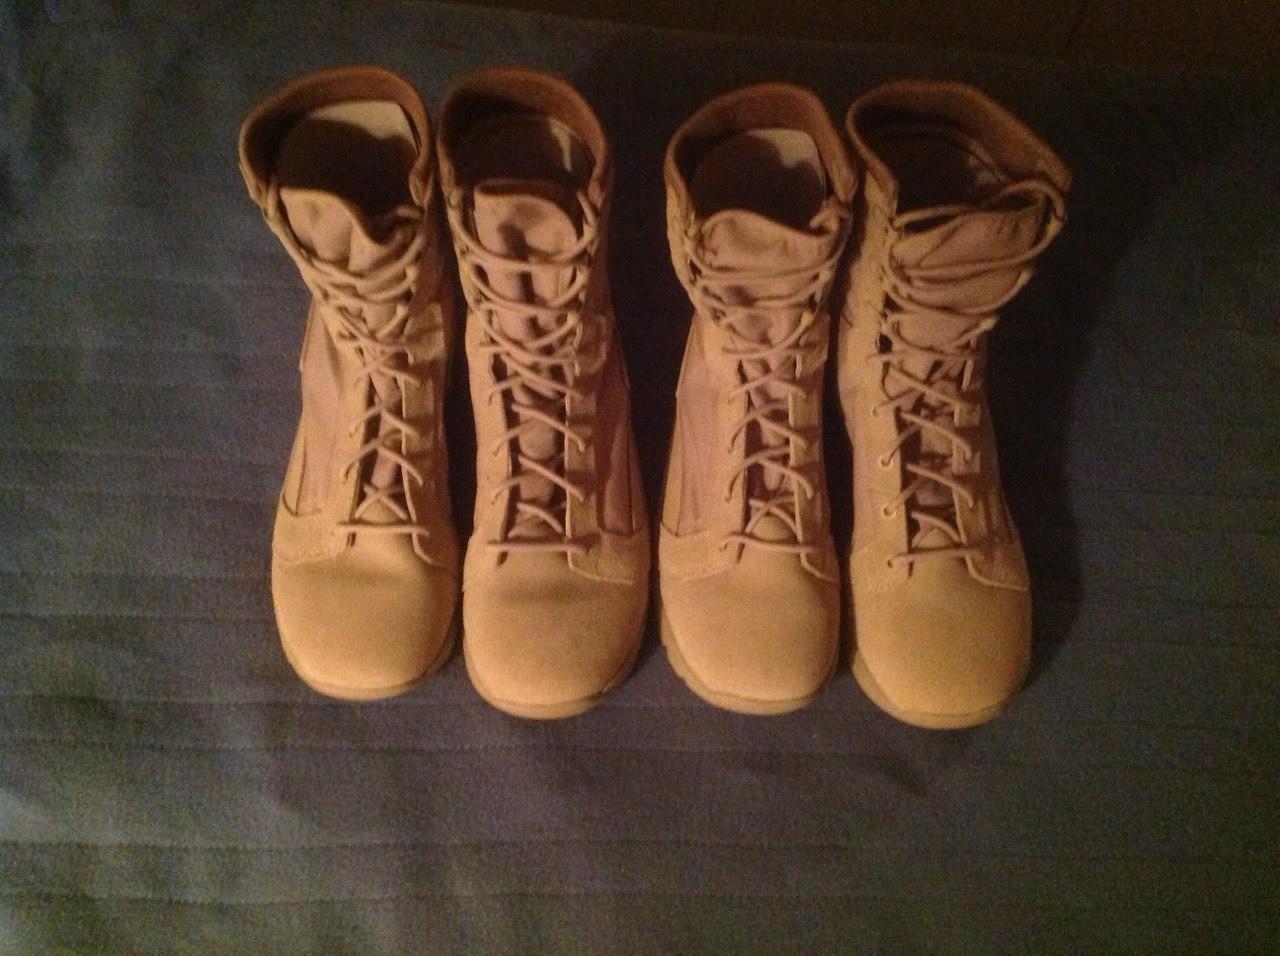 I got new combat Boots just got THEM